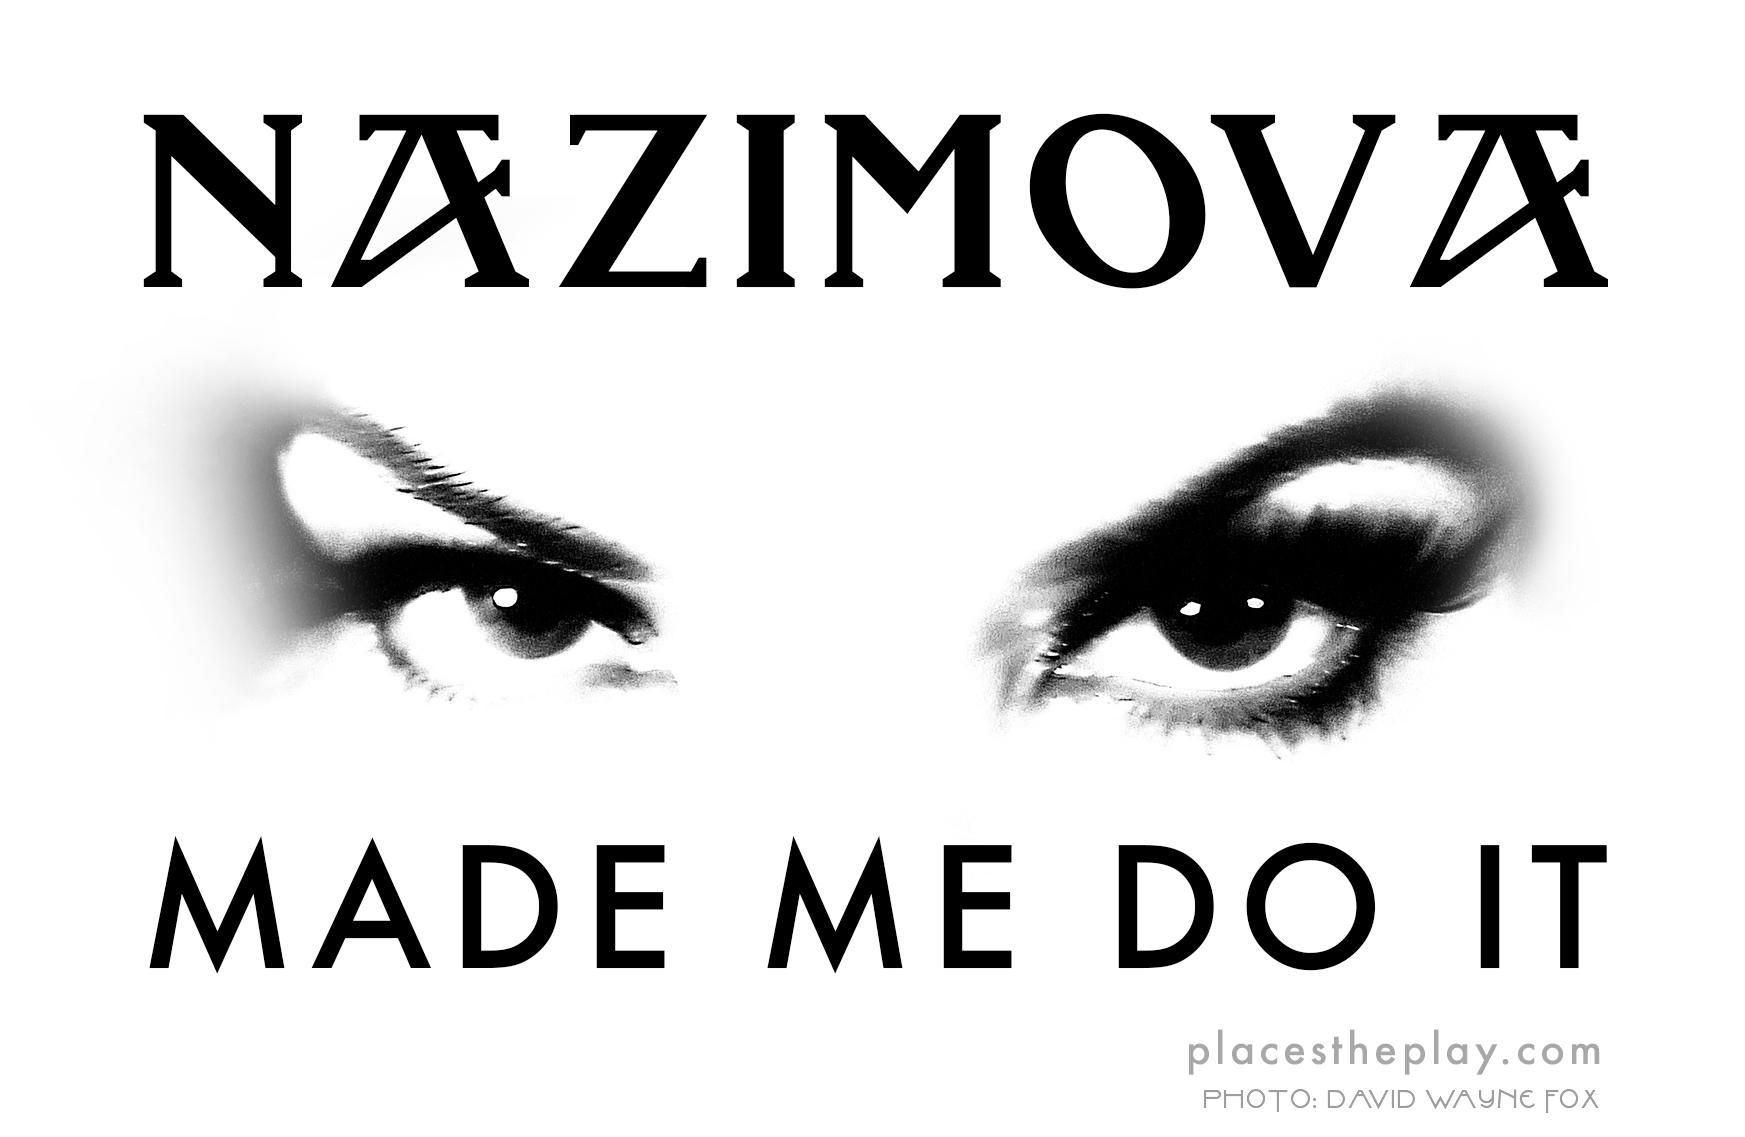 Nazimova-made-me-do-it-web.jpg